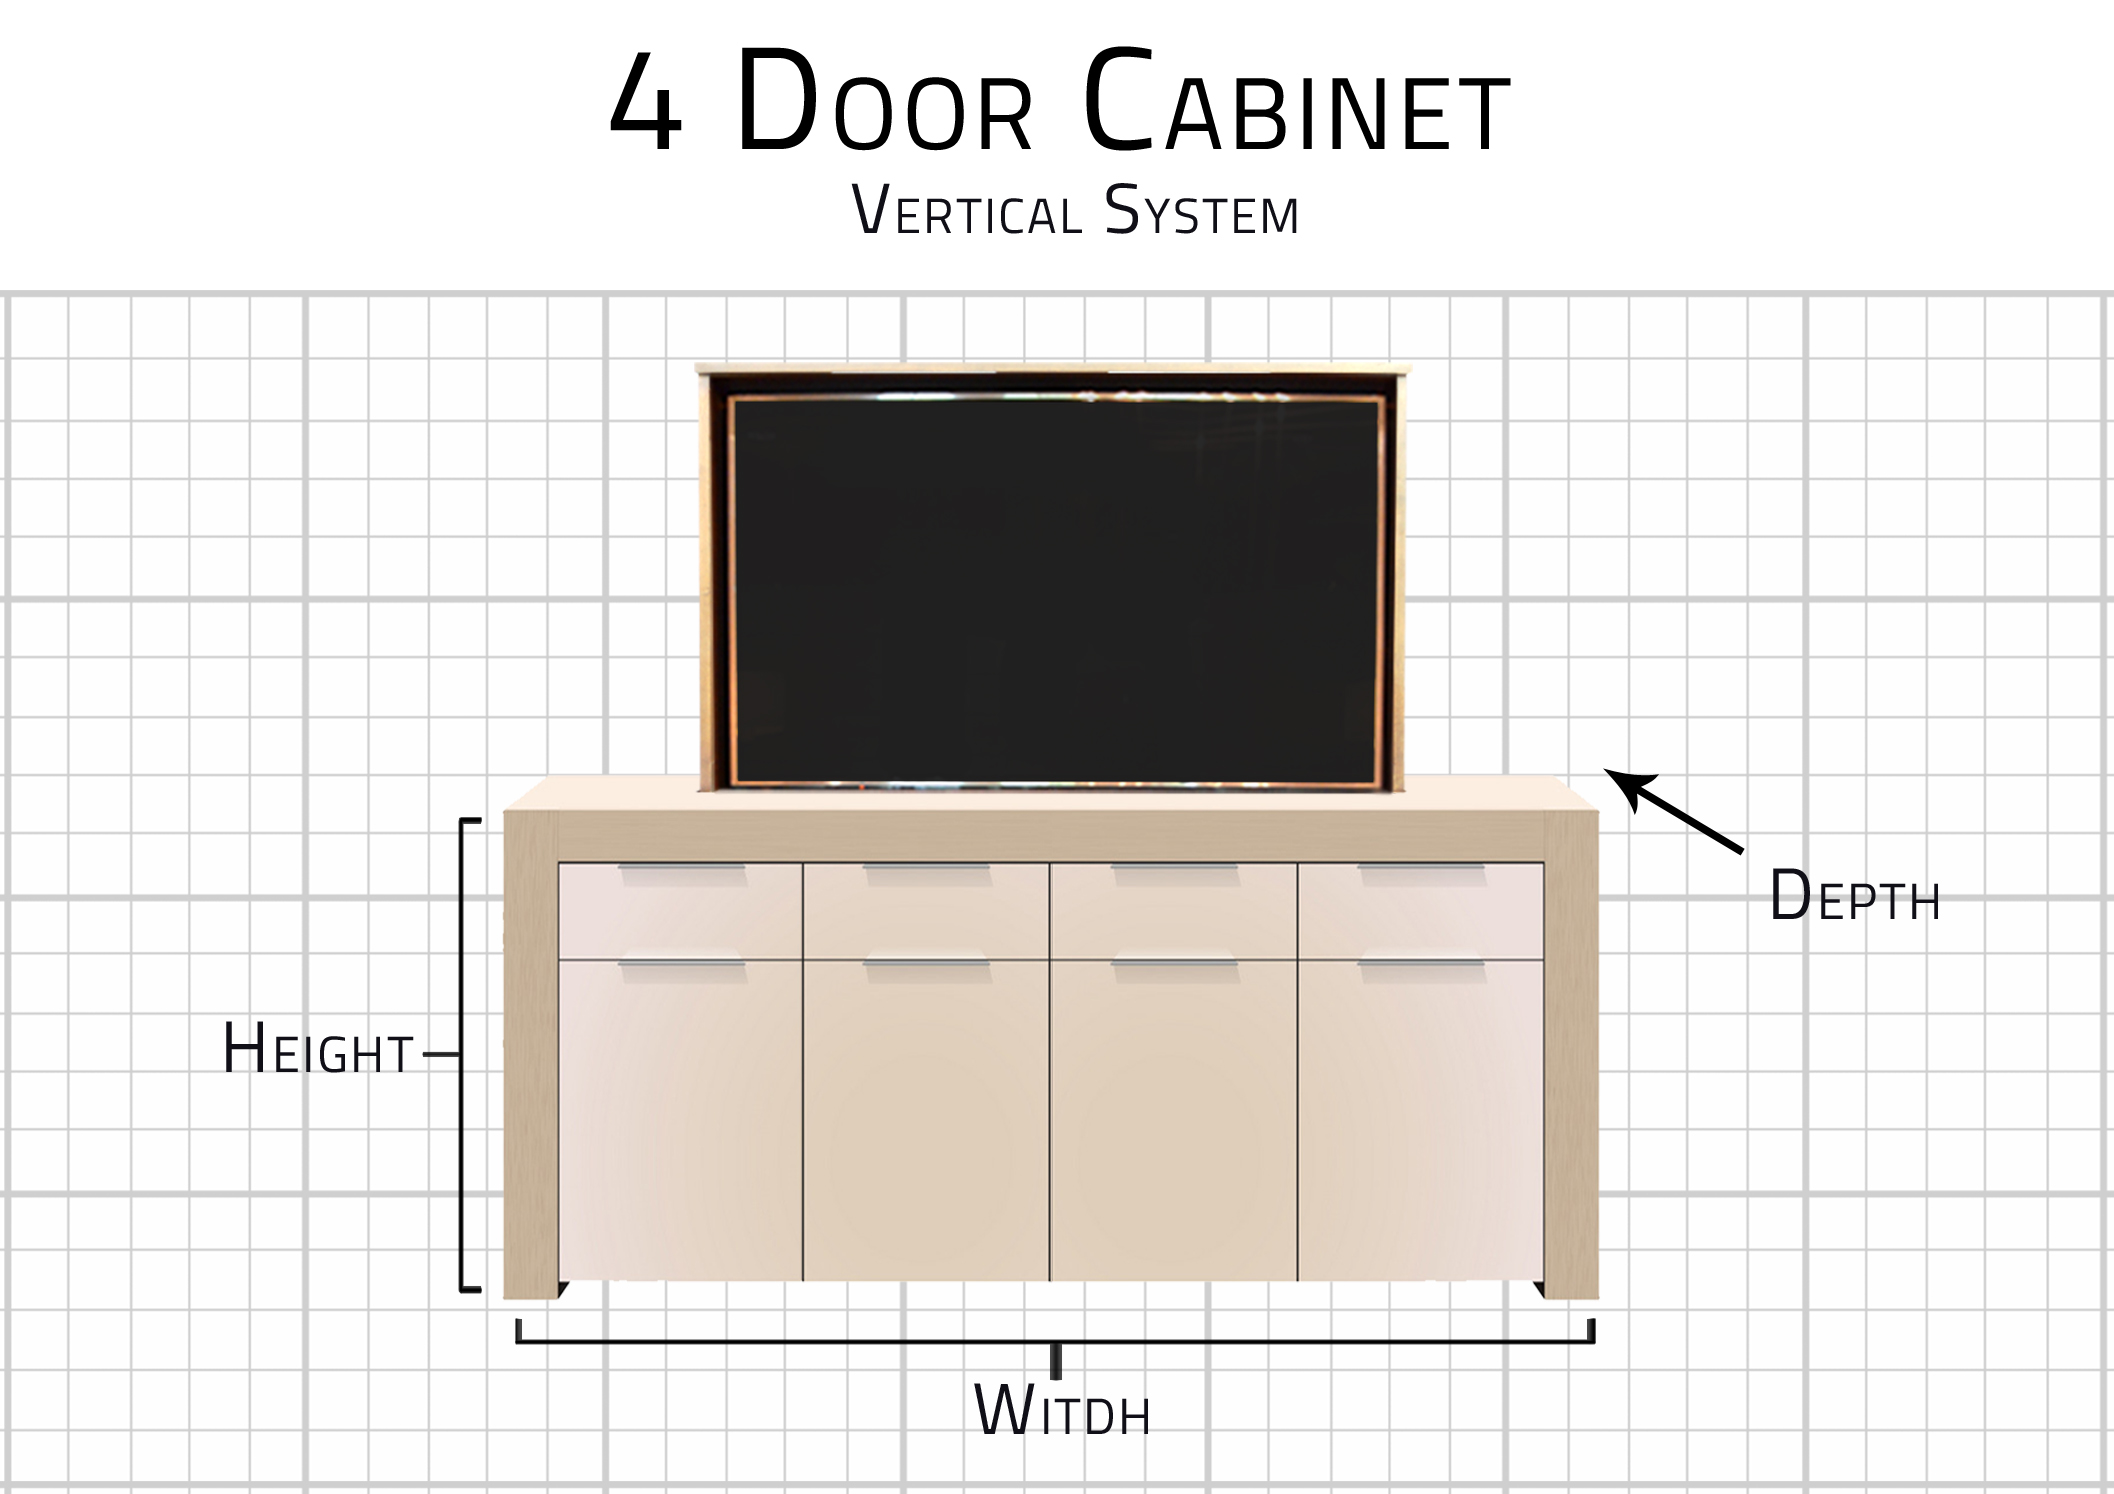 4 door standard dimensions